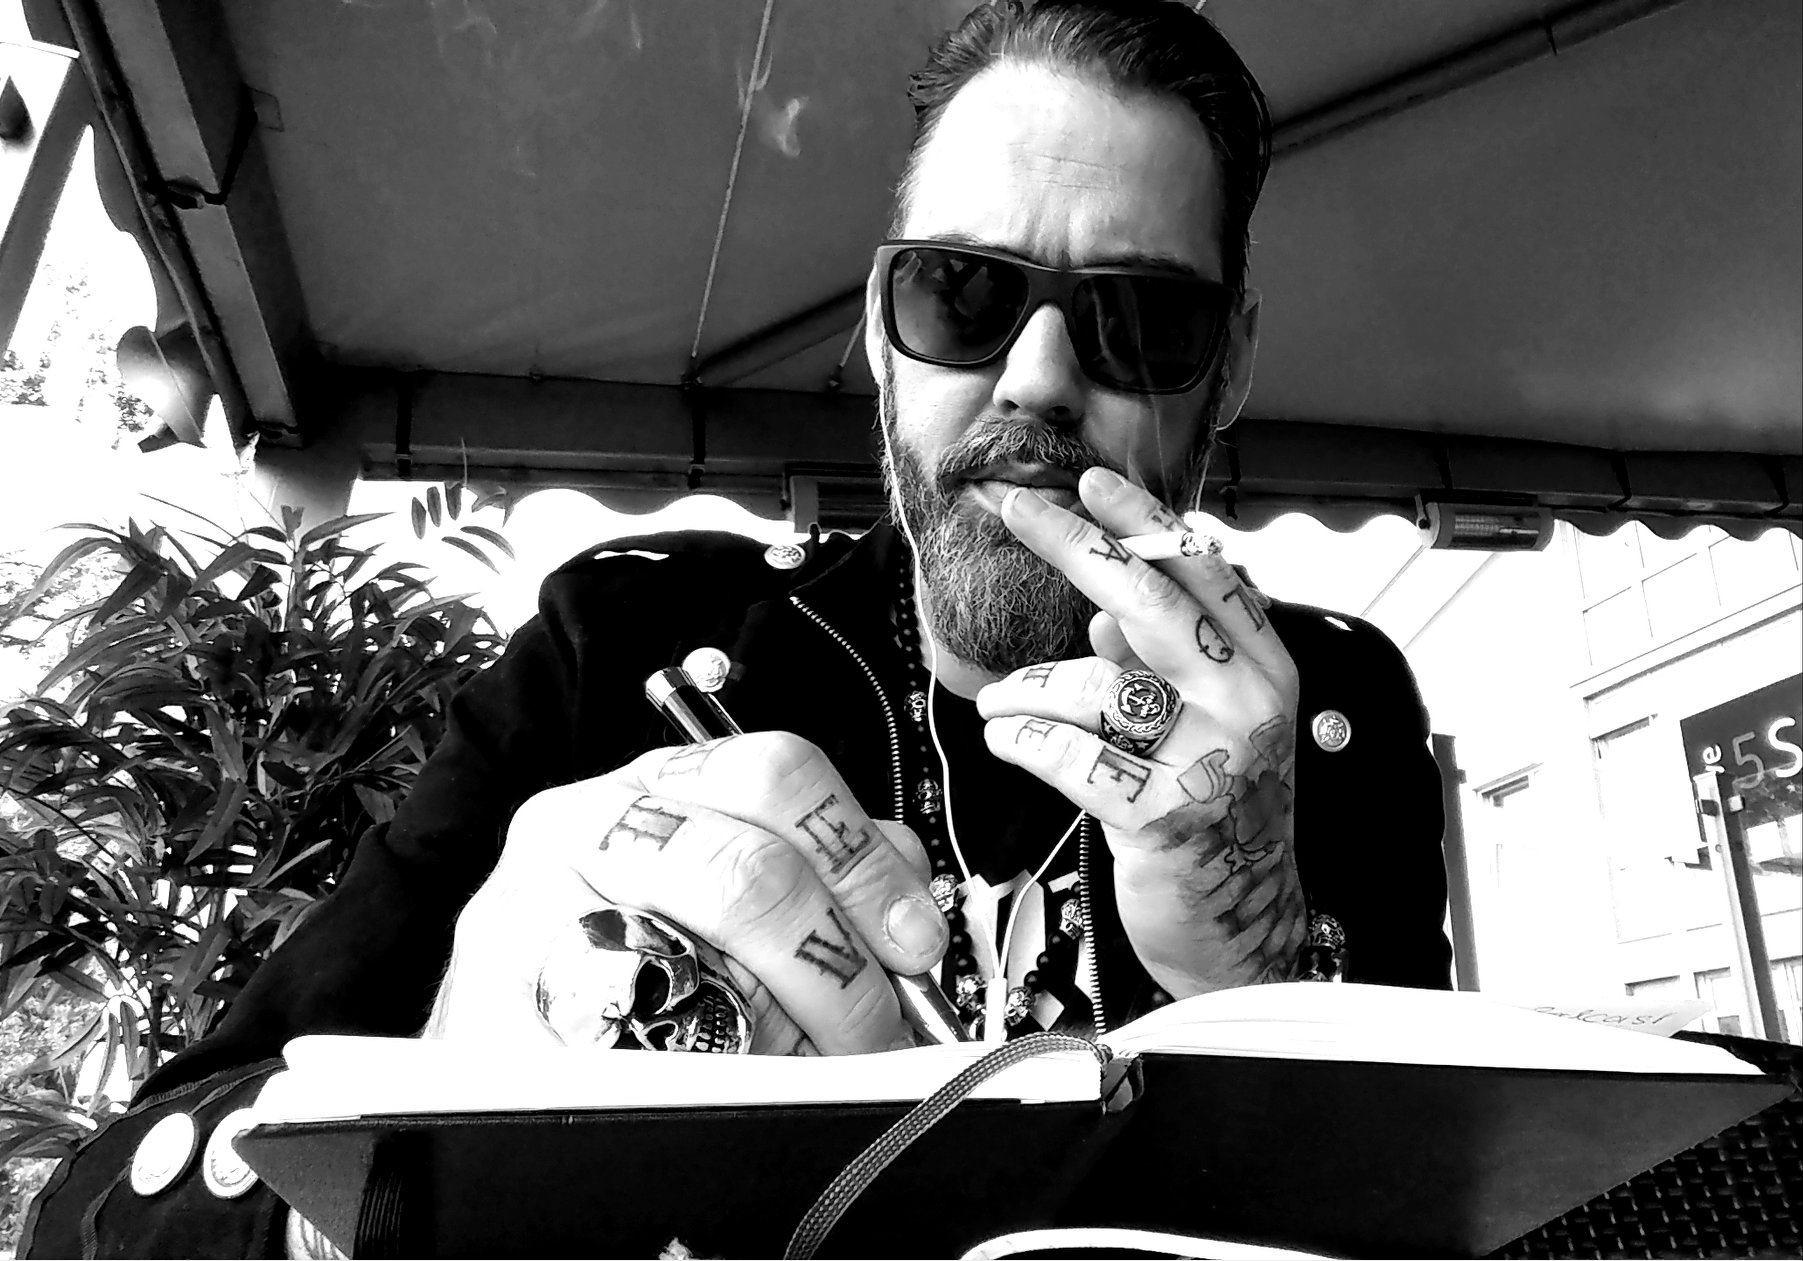 Ranndy Frahm, BTN, Schauspieler, Kleindarsteller, Interview, Promi, Star, Ex-Star, Berlin Tag und Nacht, Berlin, Hamburg, Autor, News